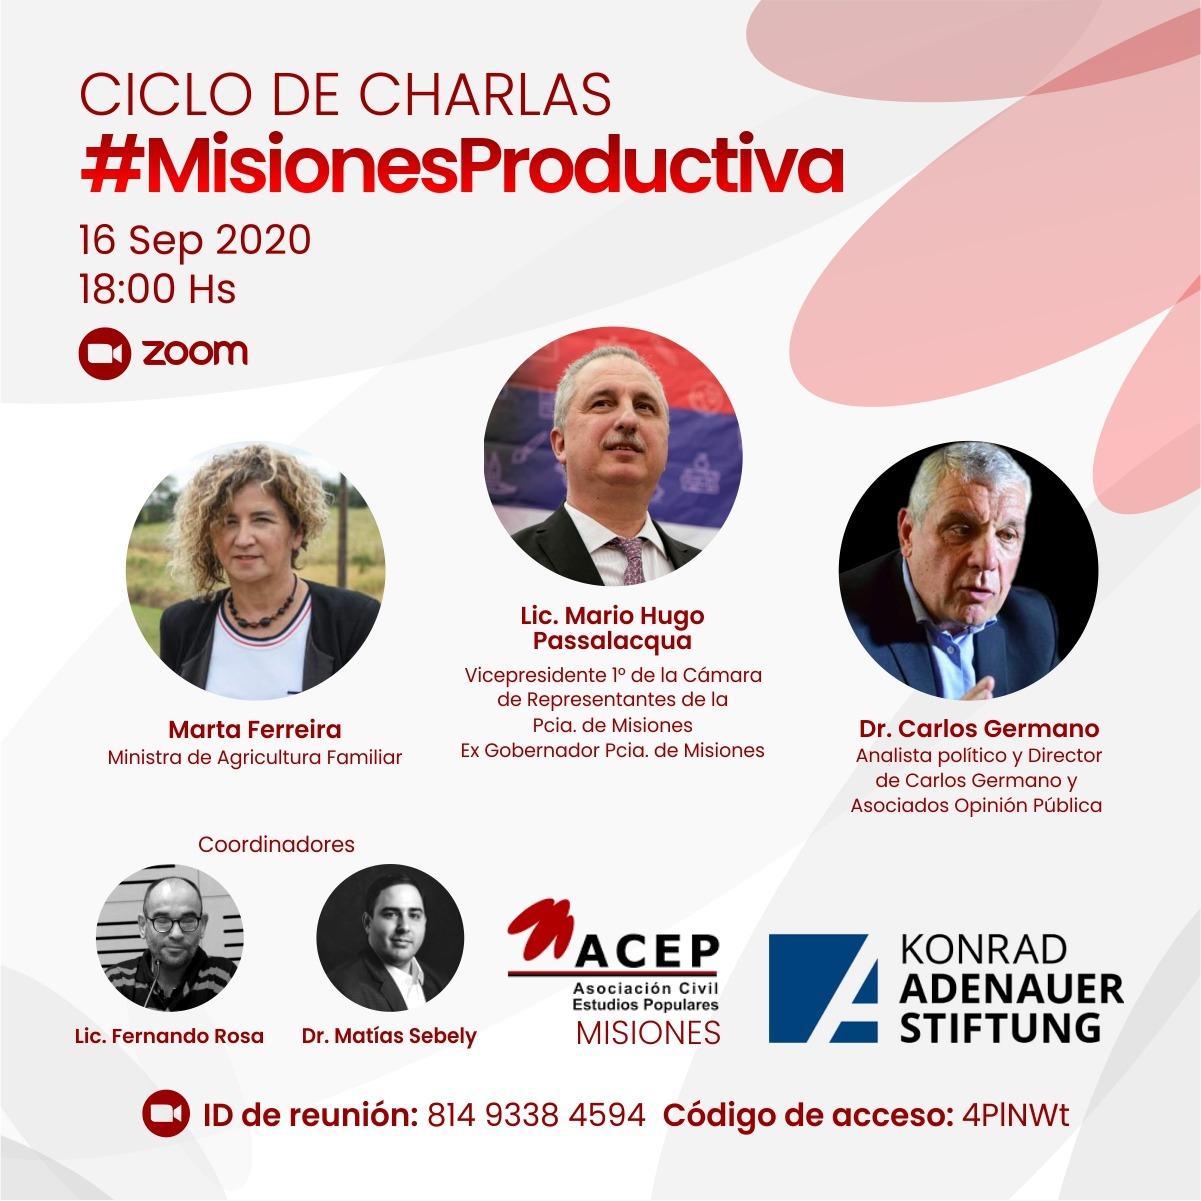 ACEP Misiones realizará una conferencia magistral con la participación del analista político Carlos Germano